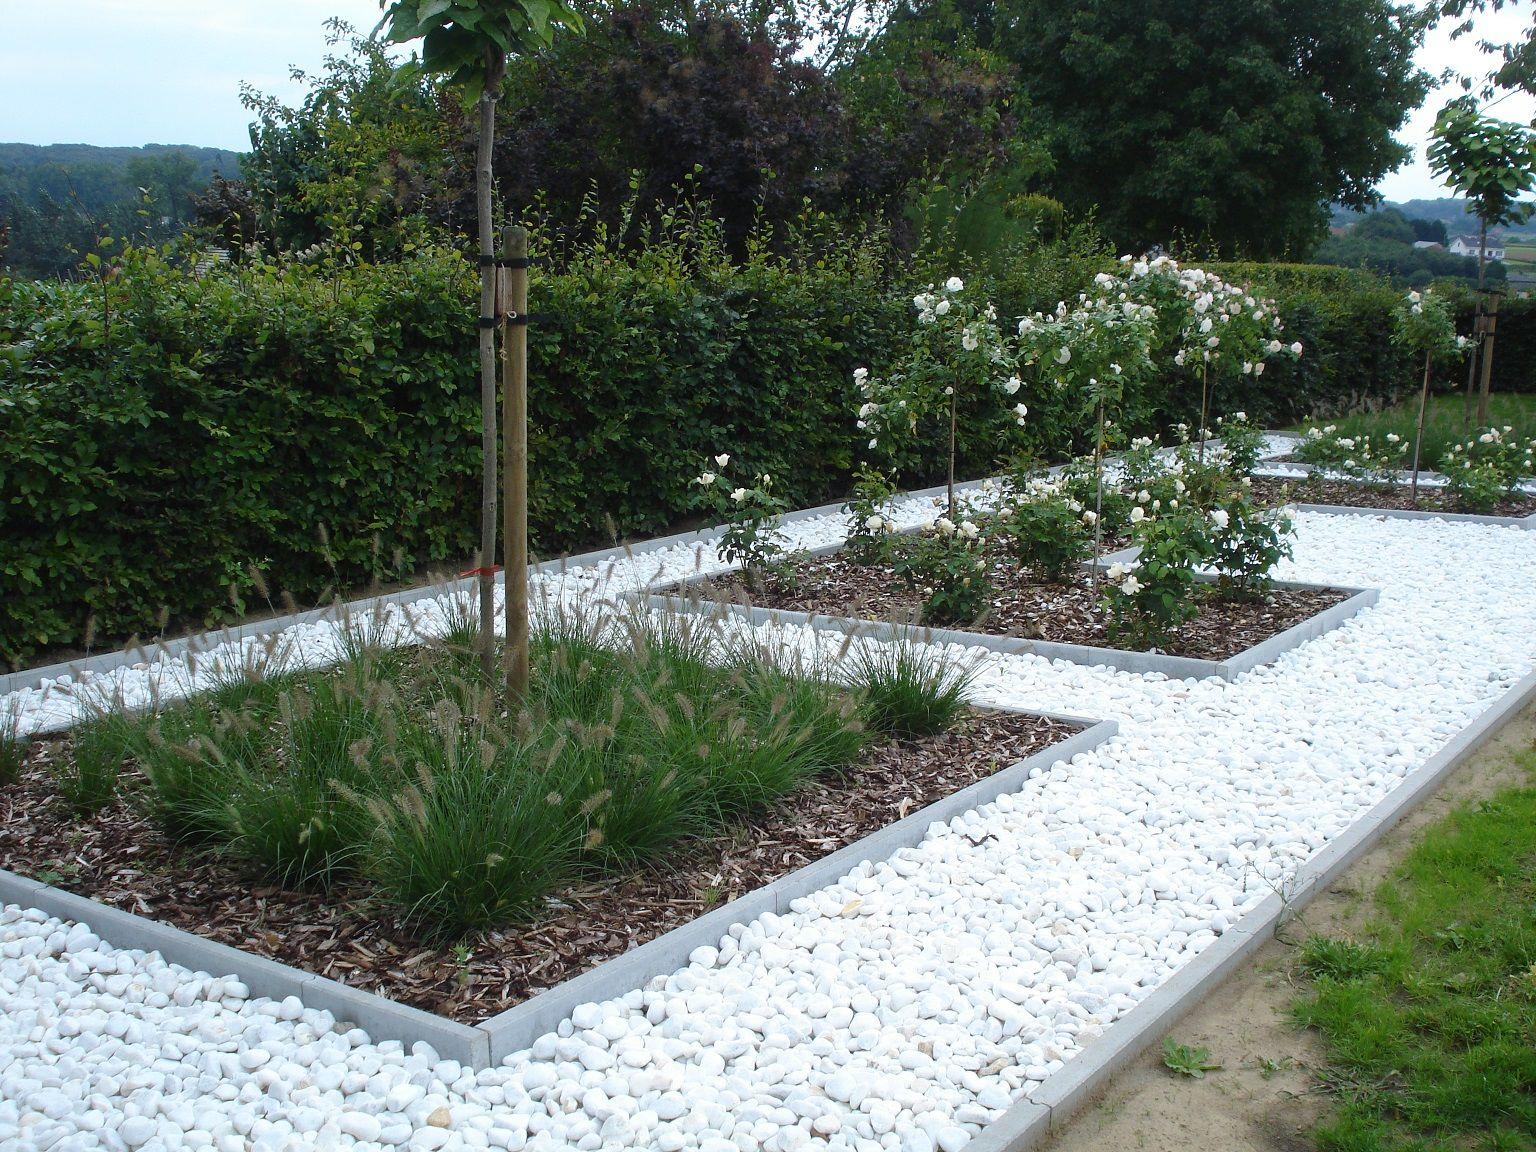 Witte Tegels Tuin.5 X Voorbeelden Van Grind In De Tuin Uw Tuin Nl